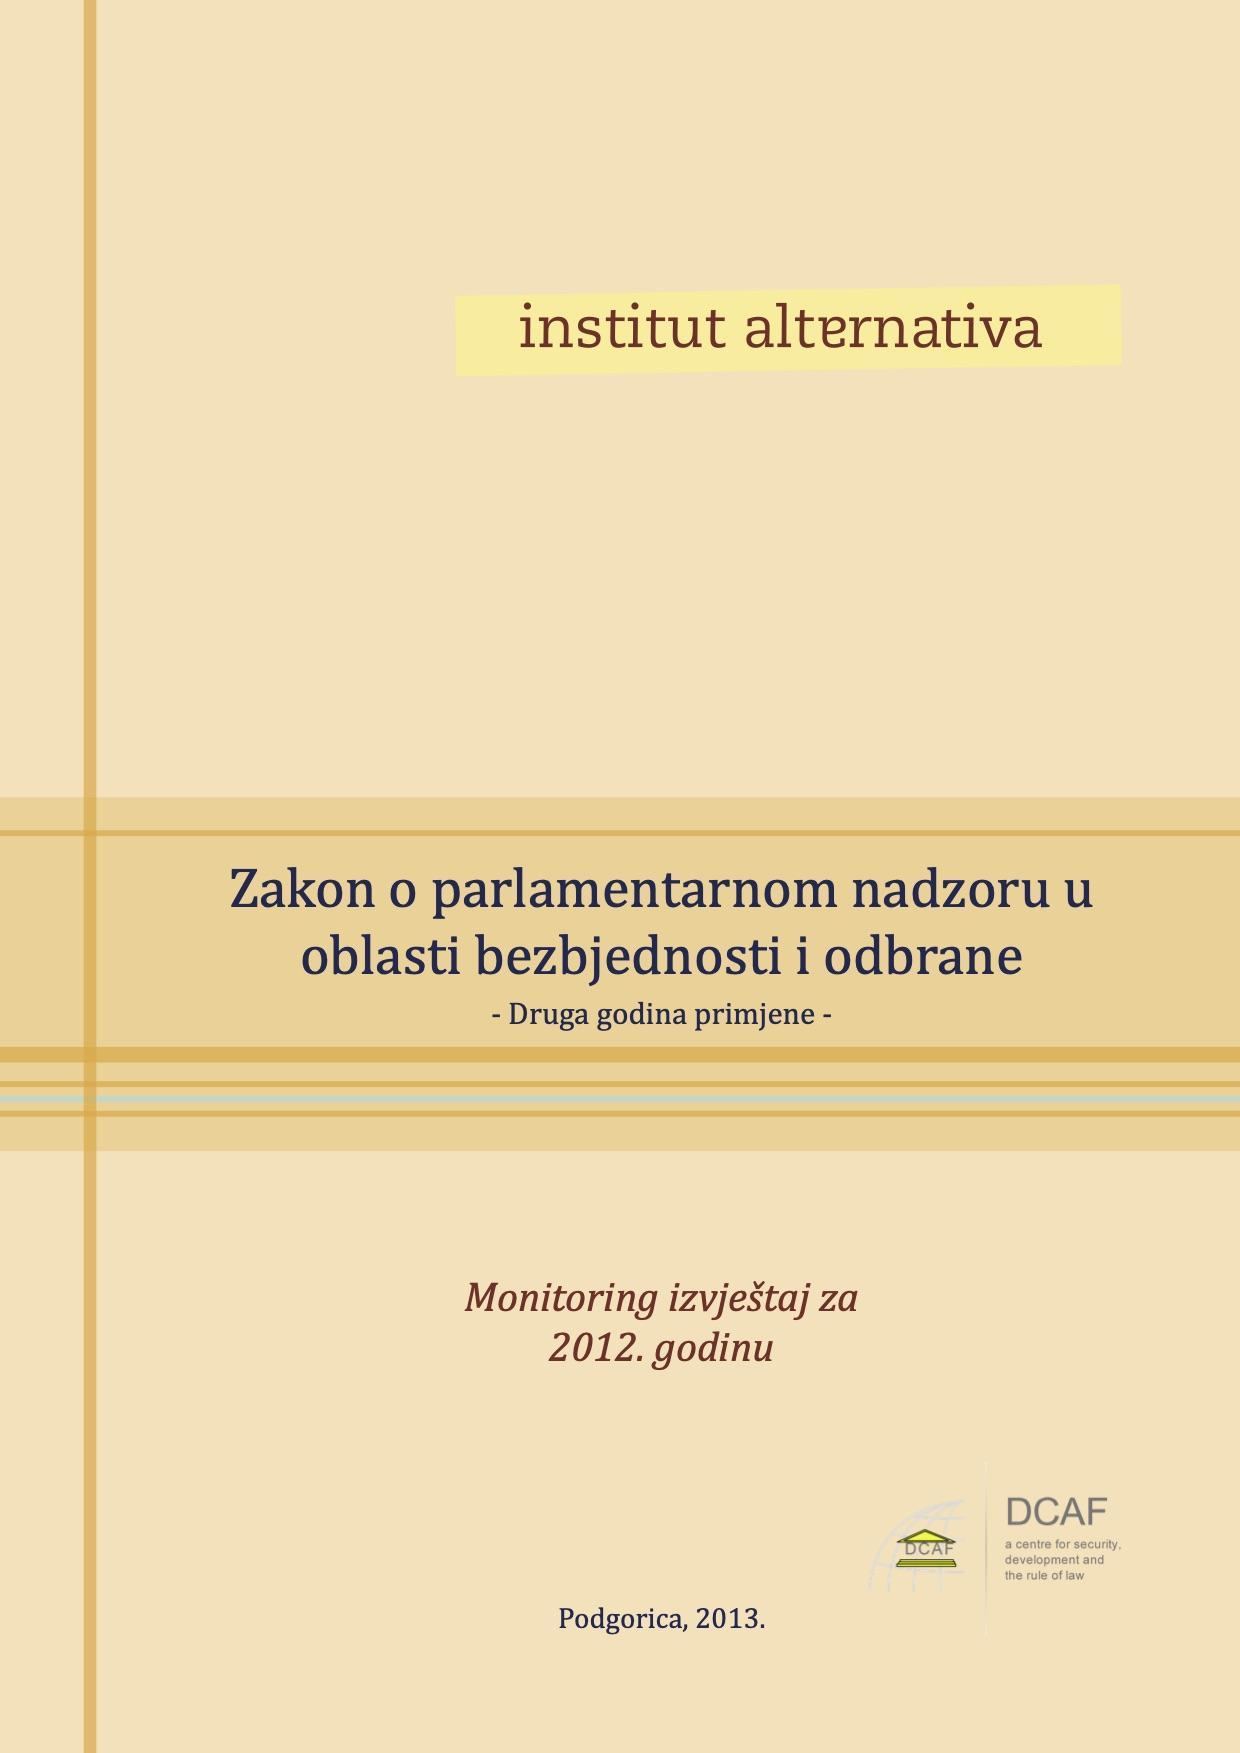 Zakon o parlamentarnom nadzoru u oblasti bezbjednosti i odbrane - Druga godina primjene